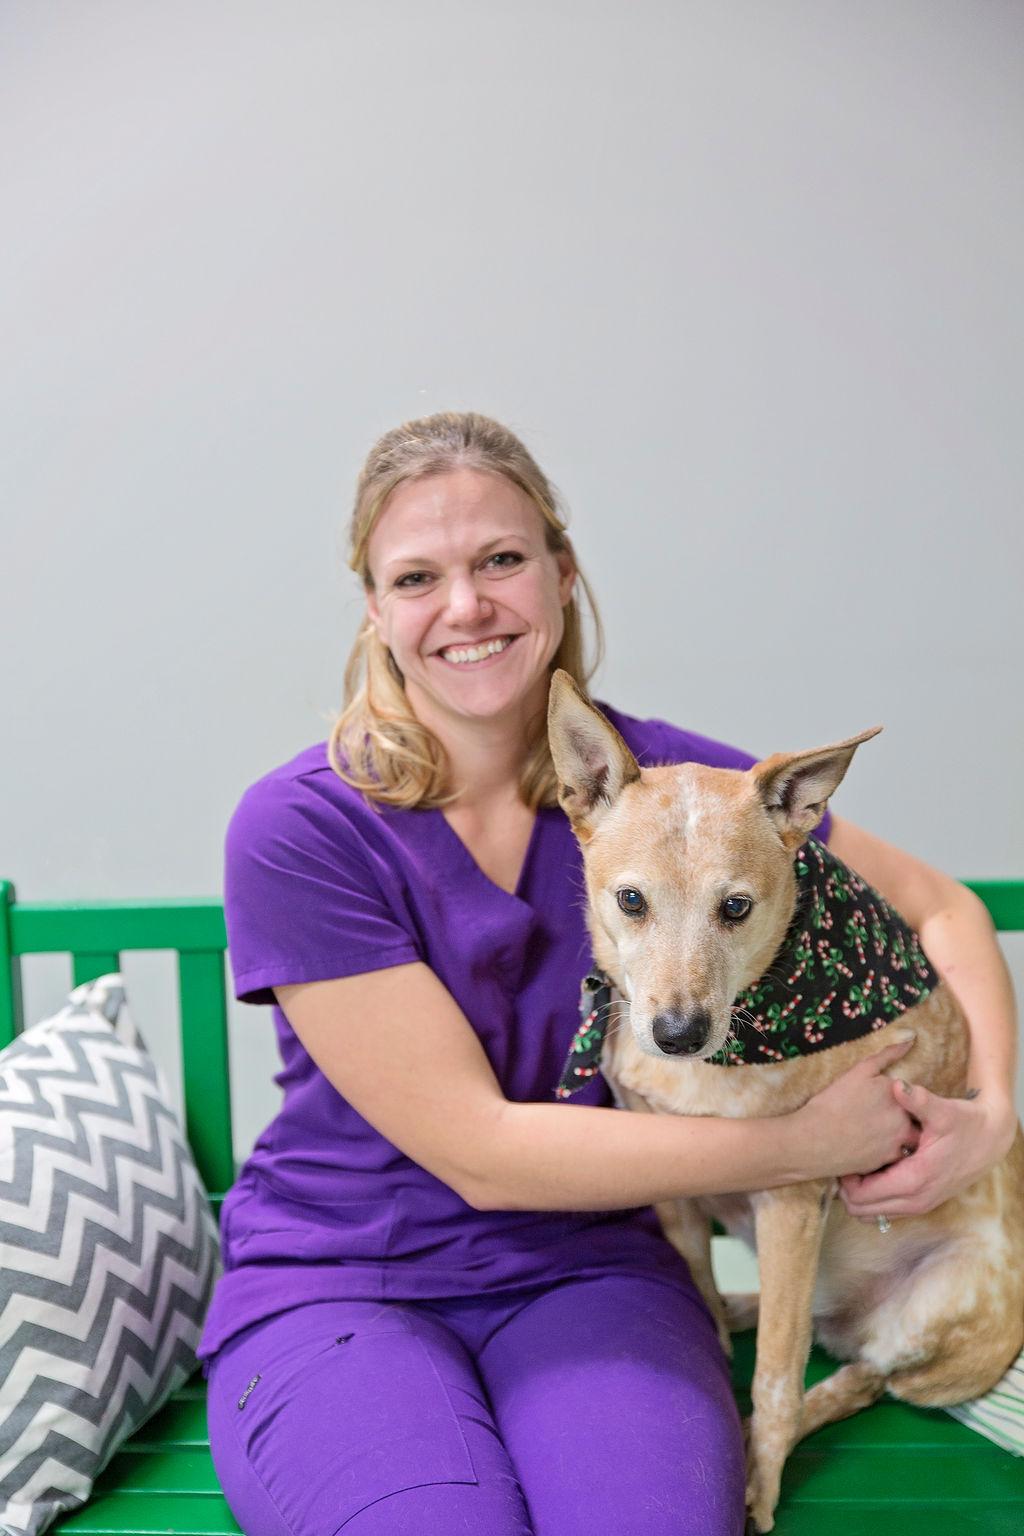 Shawna Clark, R.V.T. - Registered Veterinary Technician